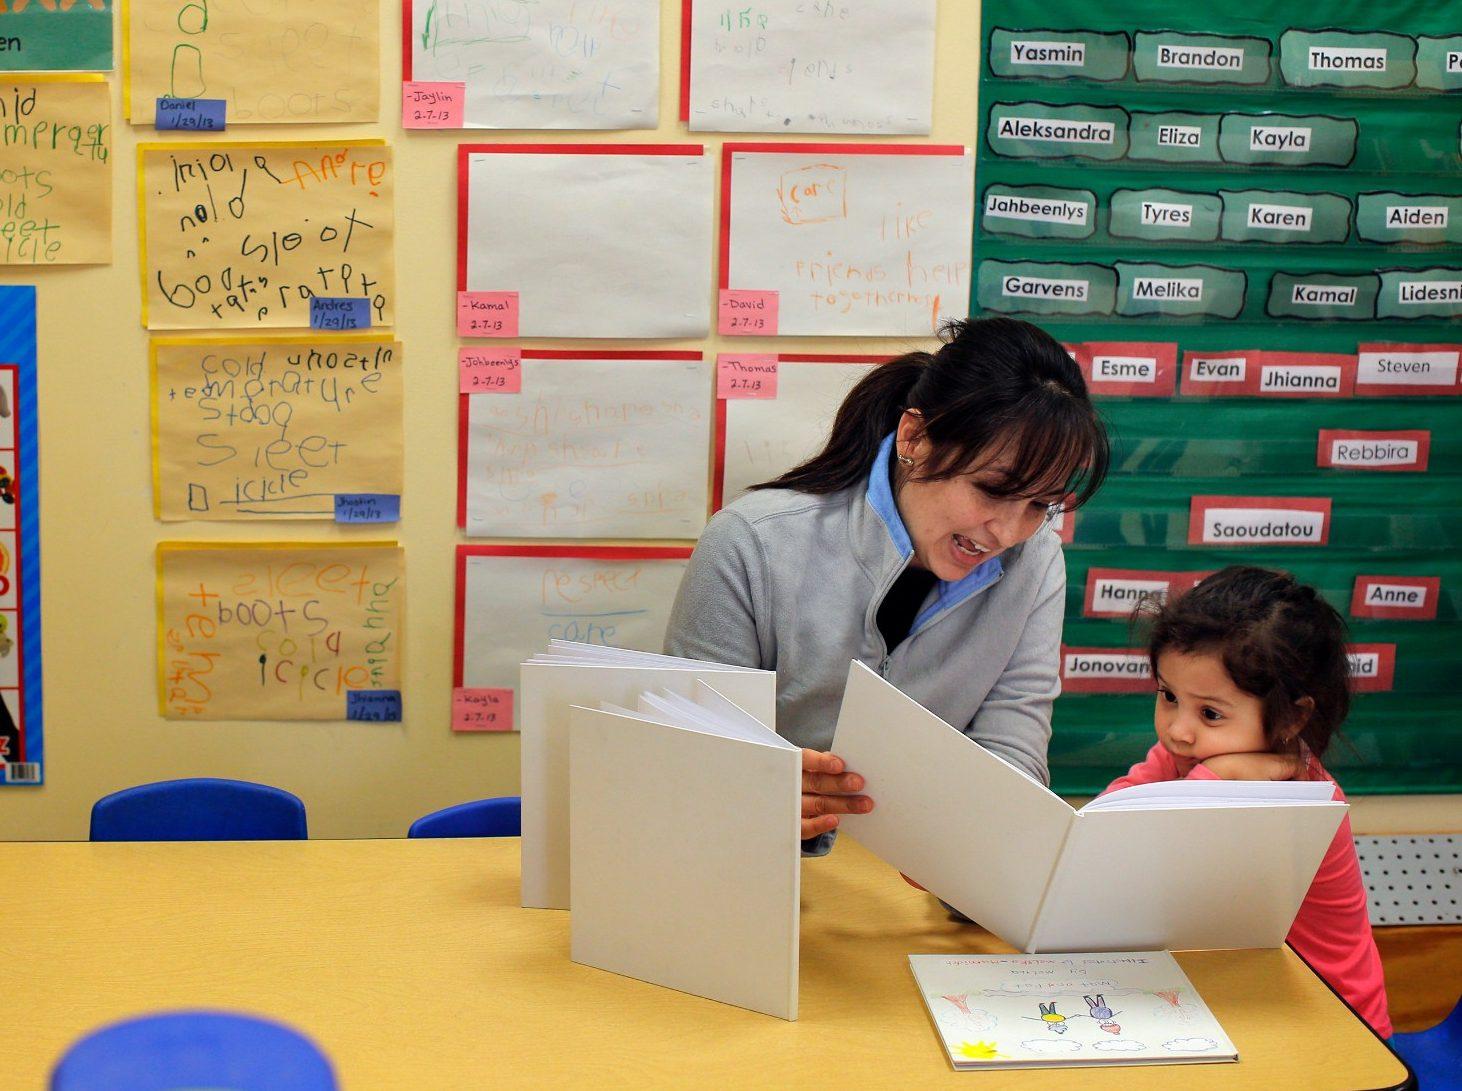 استانداردهای مهد کودک خوب - معیارها